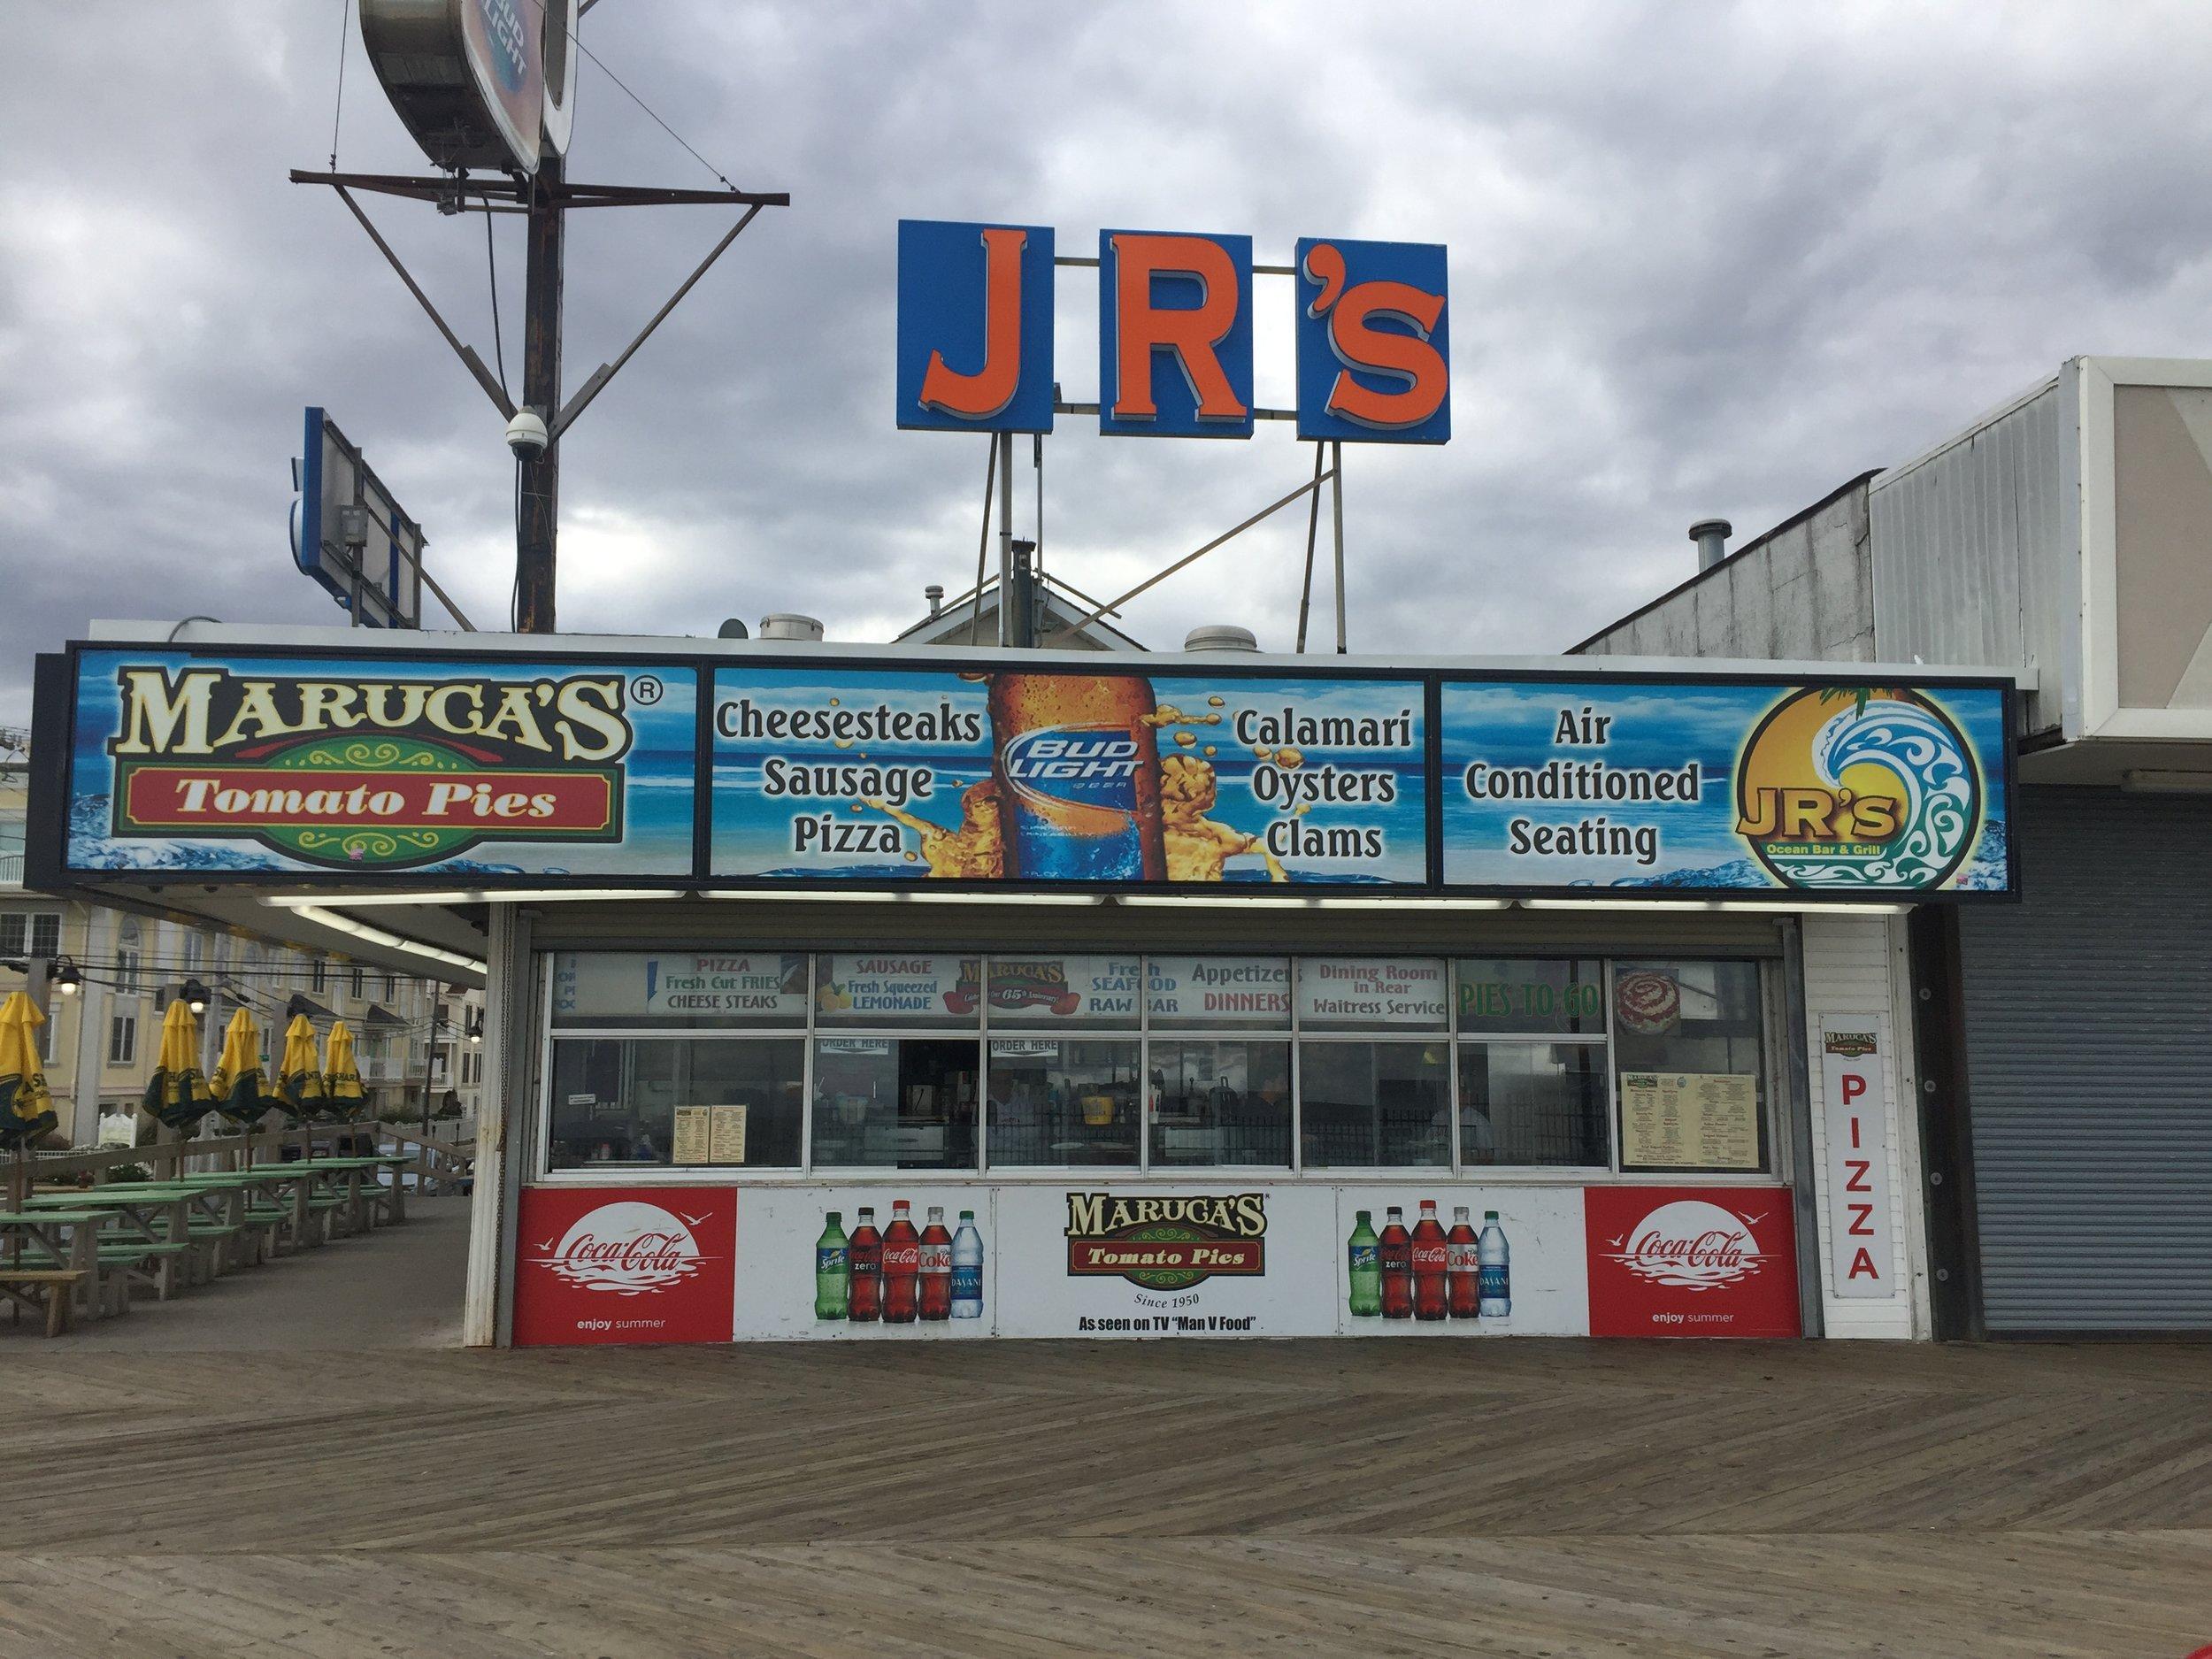 JR's Ocean Grill boardwalk backlit signage